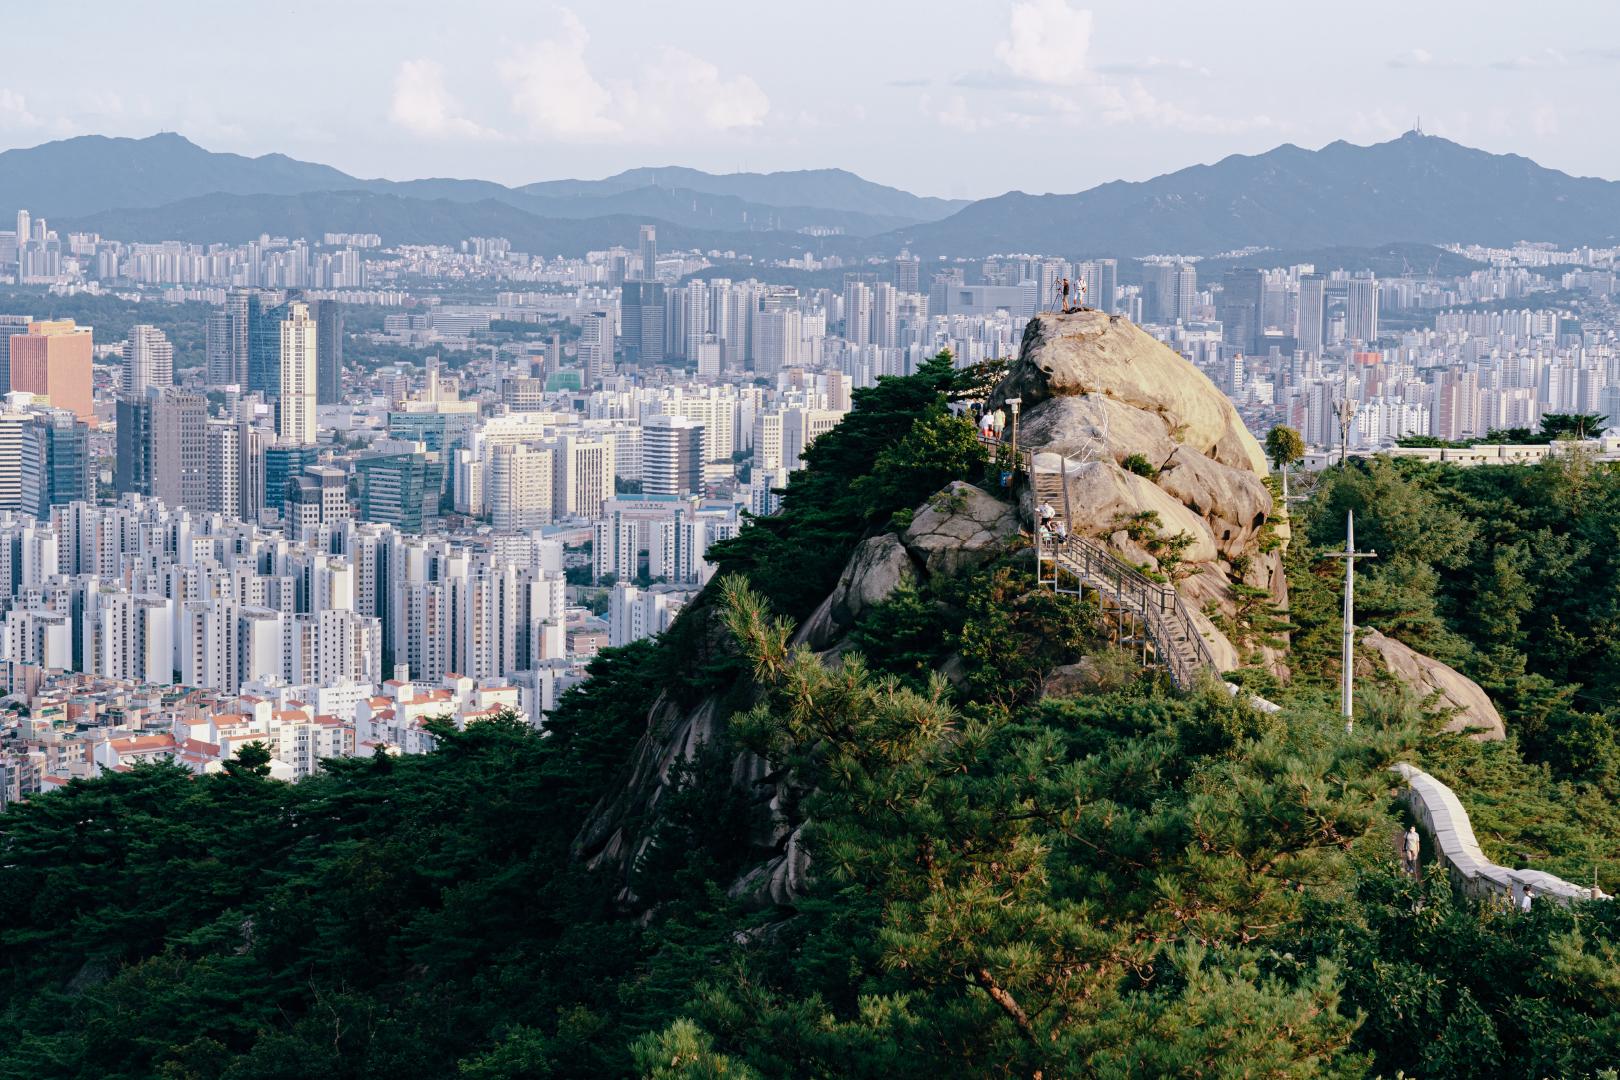 성곽길을 따라 커다란 돌이 보인다.